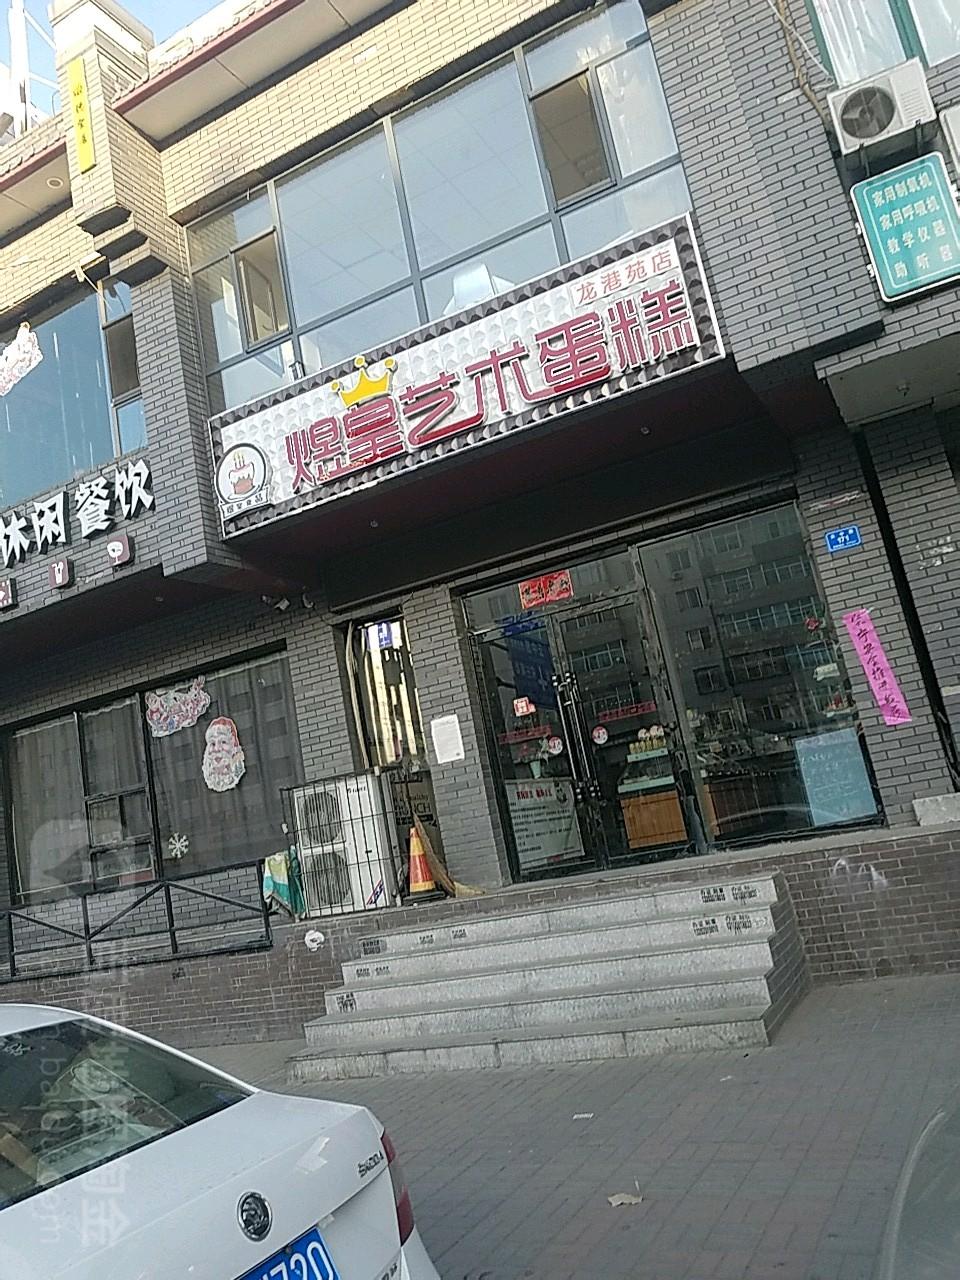 煜皇艺术蛋糕(龙港苑店)